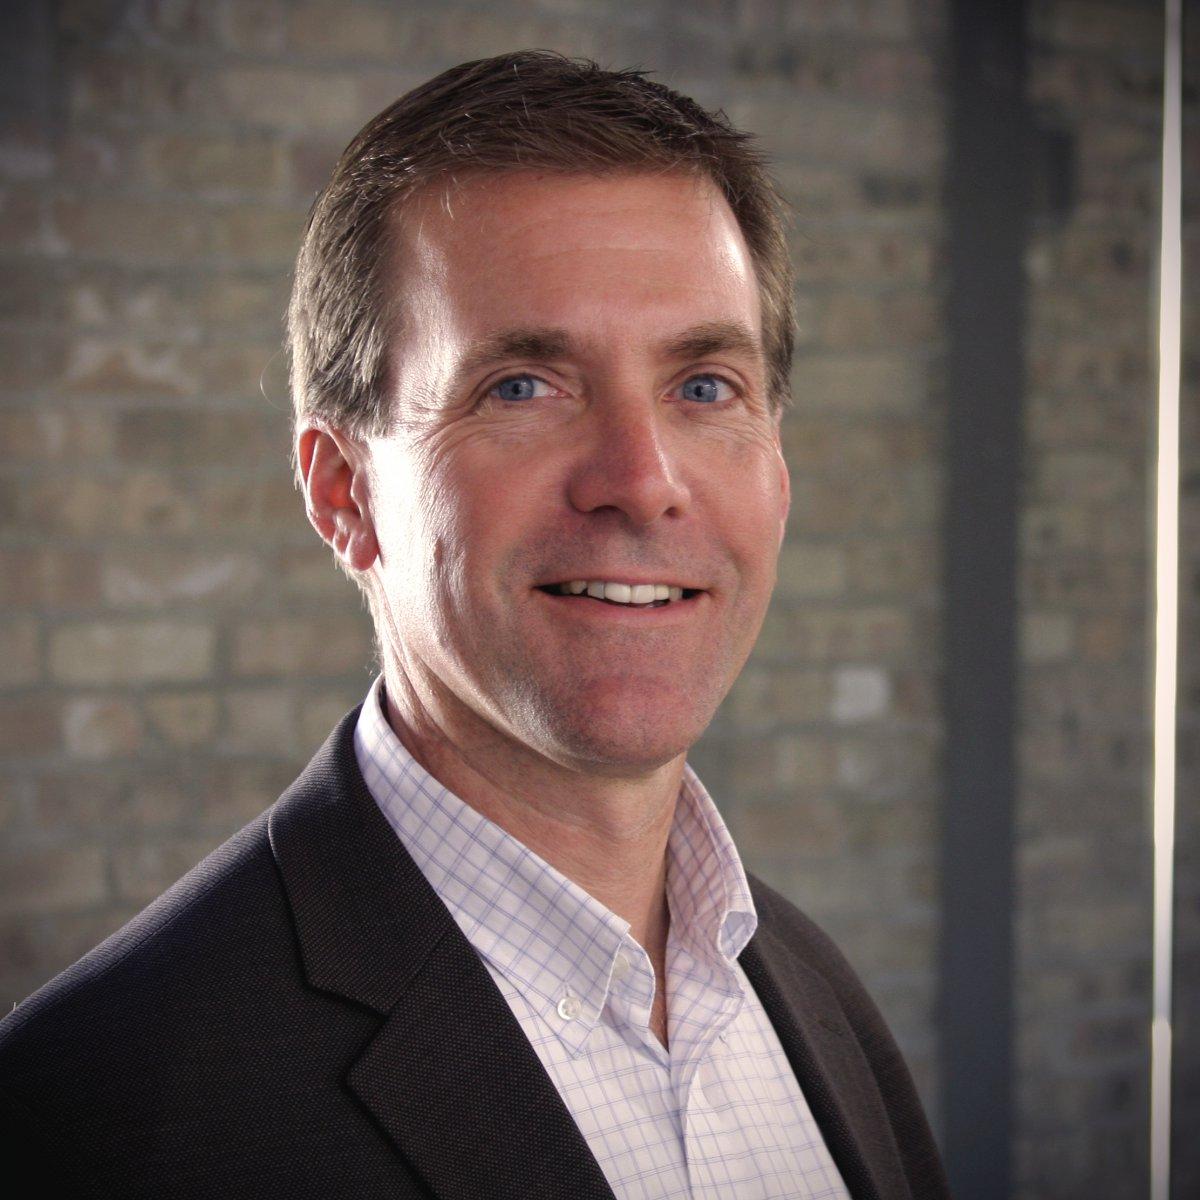 Steve Raasch